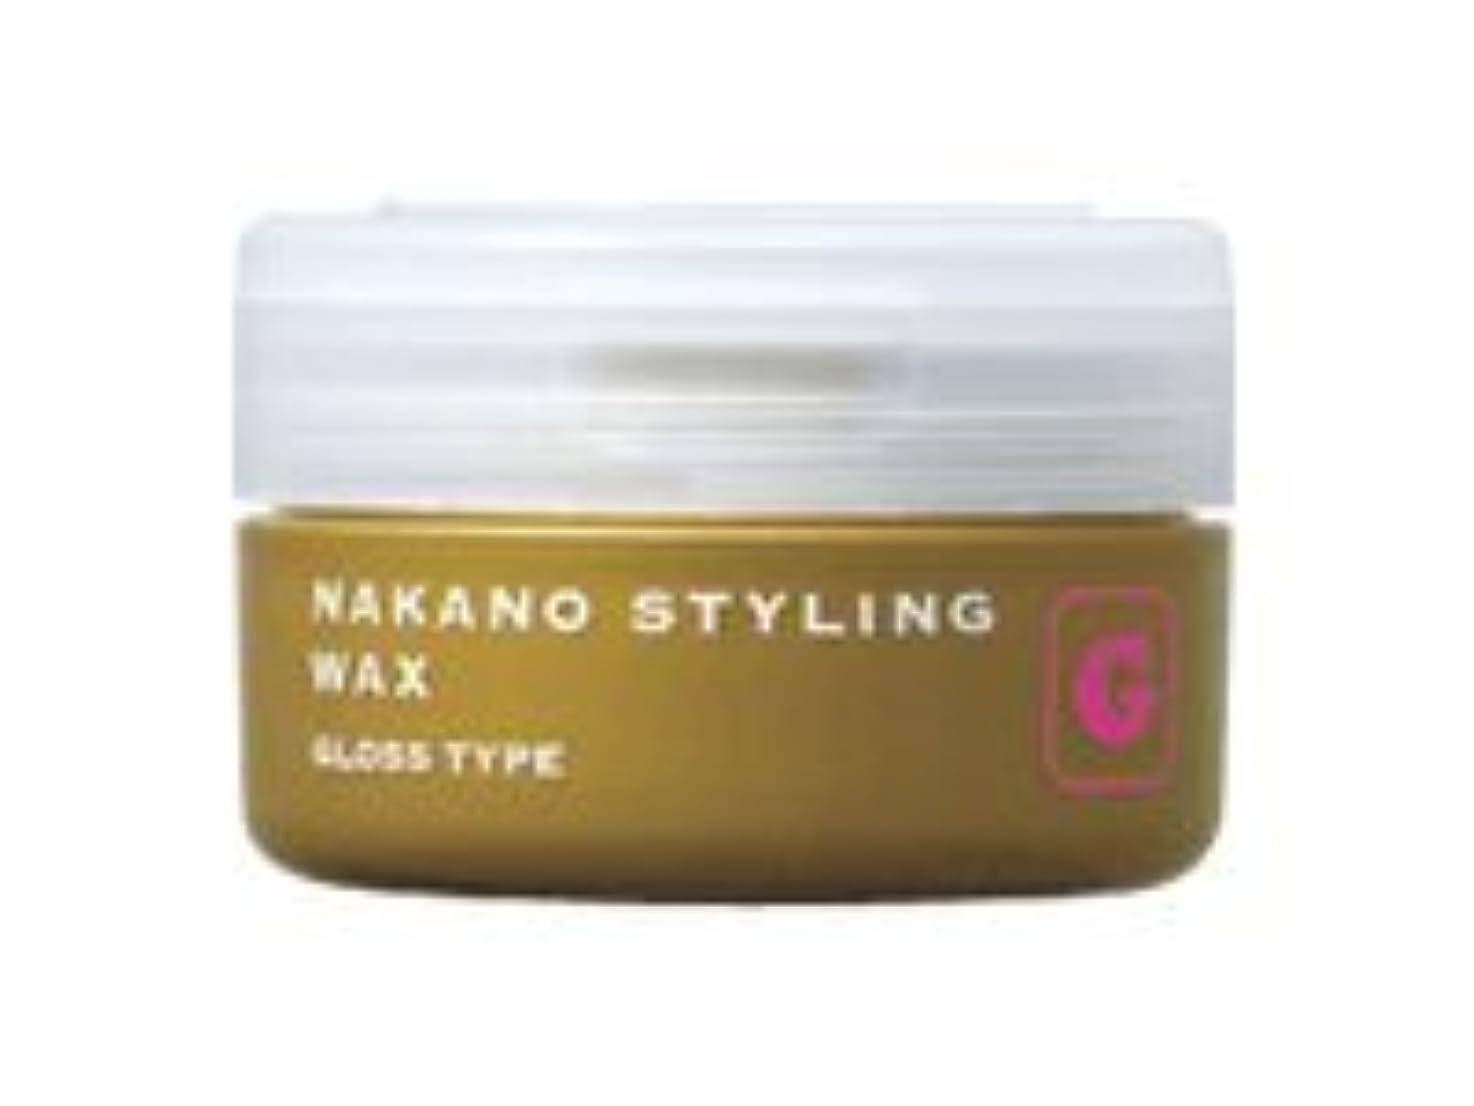 外出地域文句を言うナカノ スタイリングワックス G グロスタイプ 90g 中野製薬 NAKANO